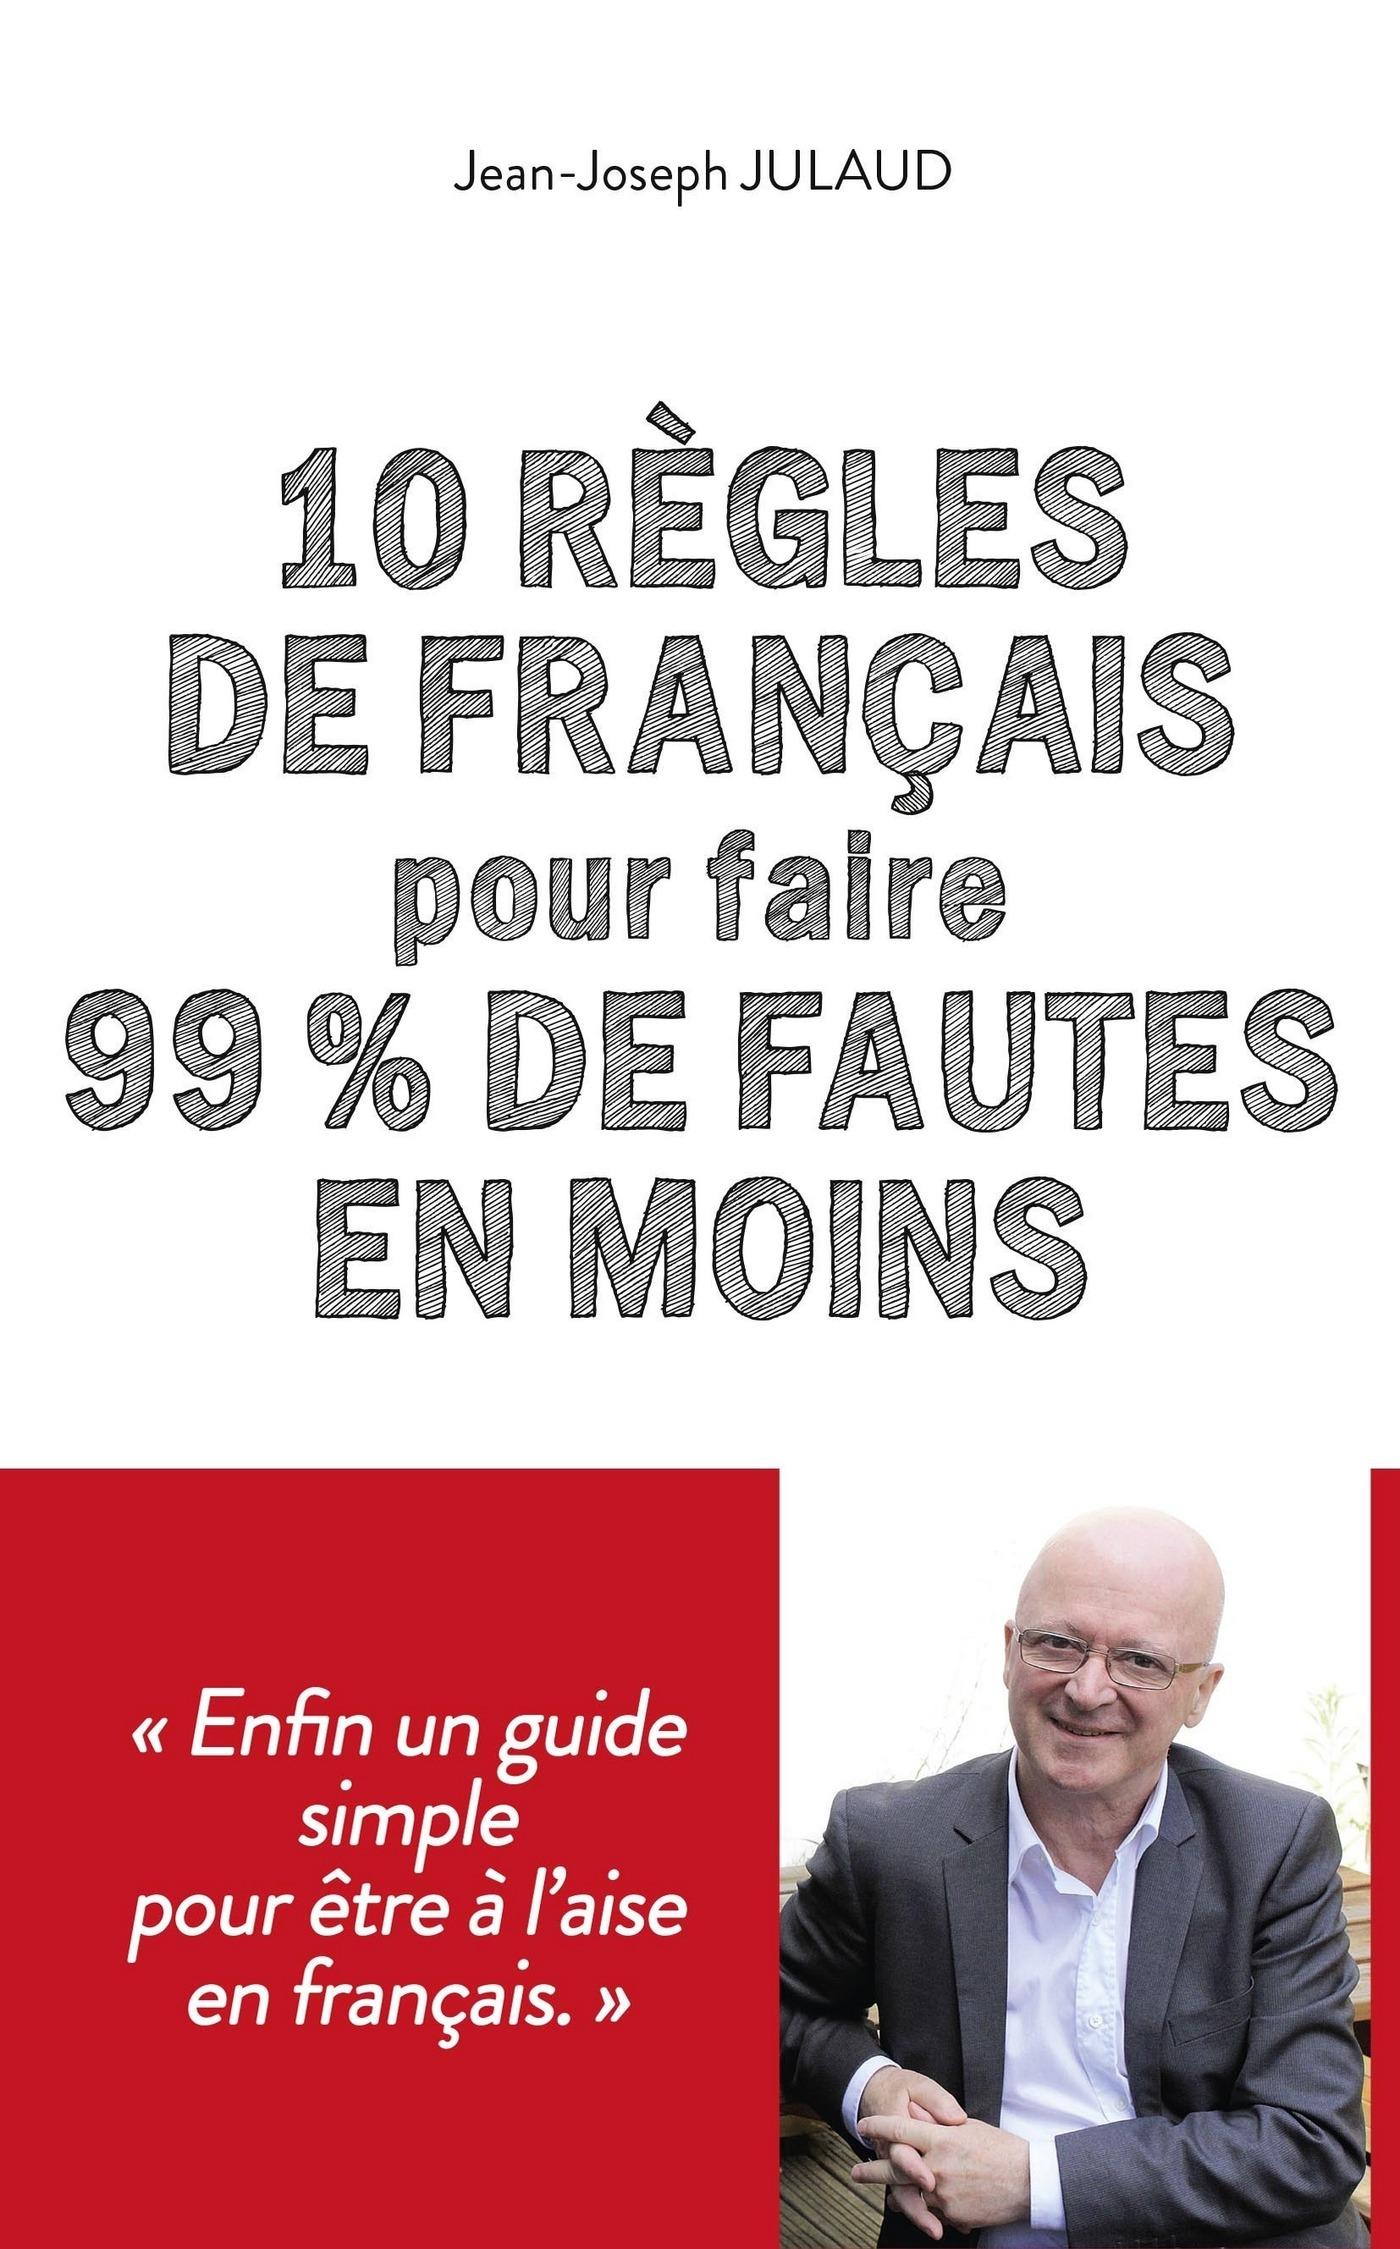 10 règles de français pour 99 % de fautes en moins   JULAUD, Jean-Joseph